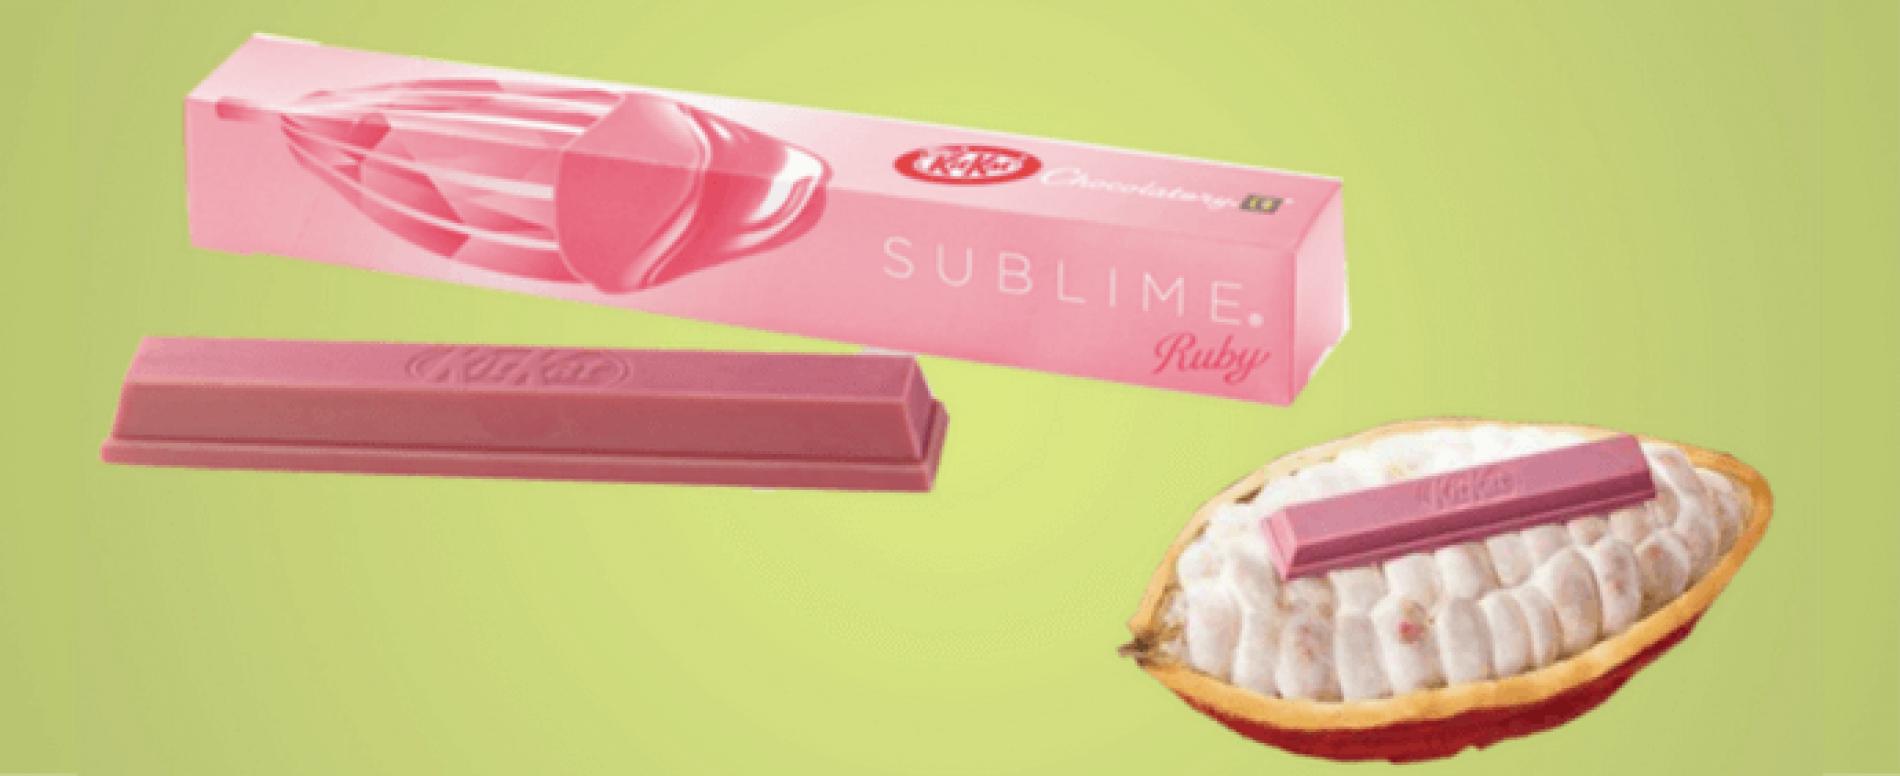 Con il KitKat rosa Nestlé rilancia il cioccolato premium